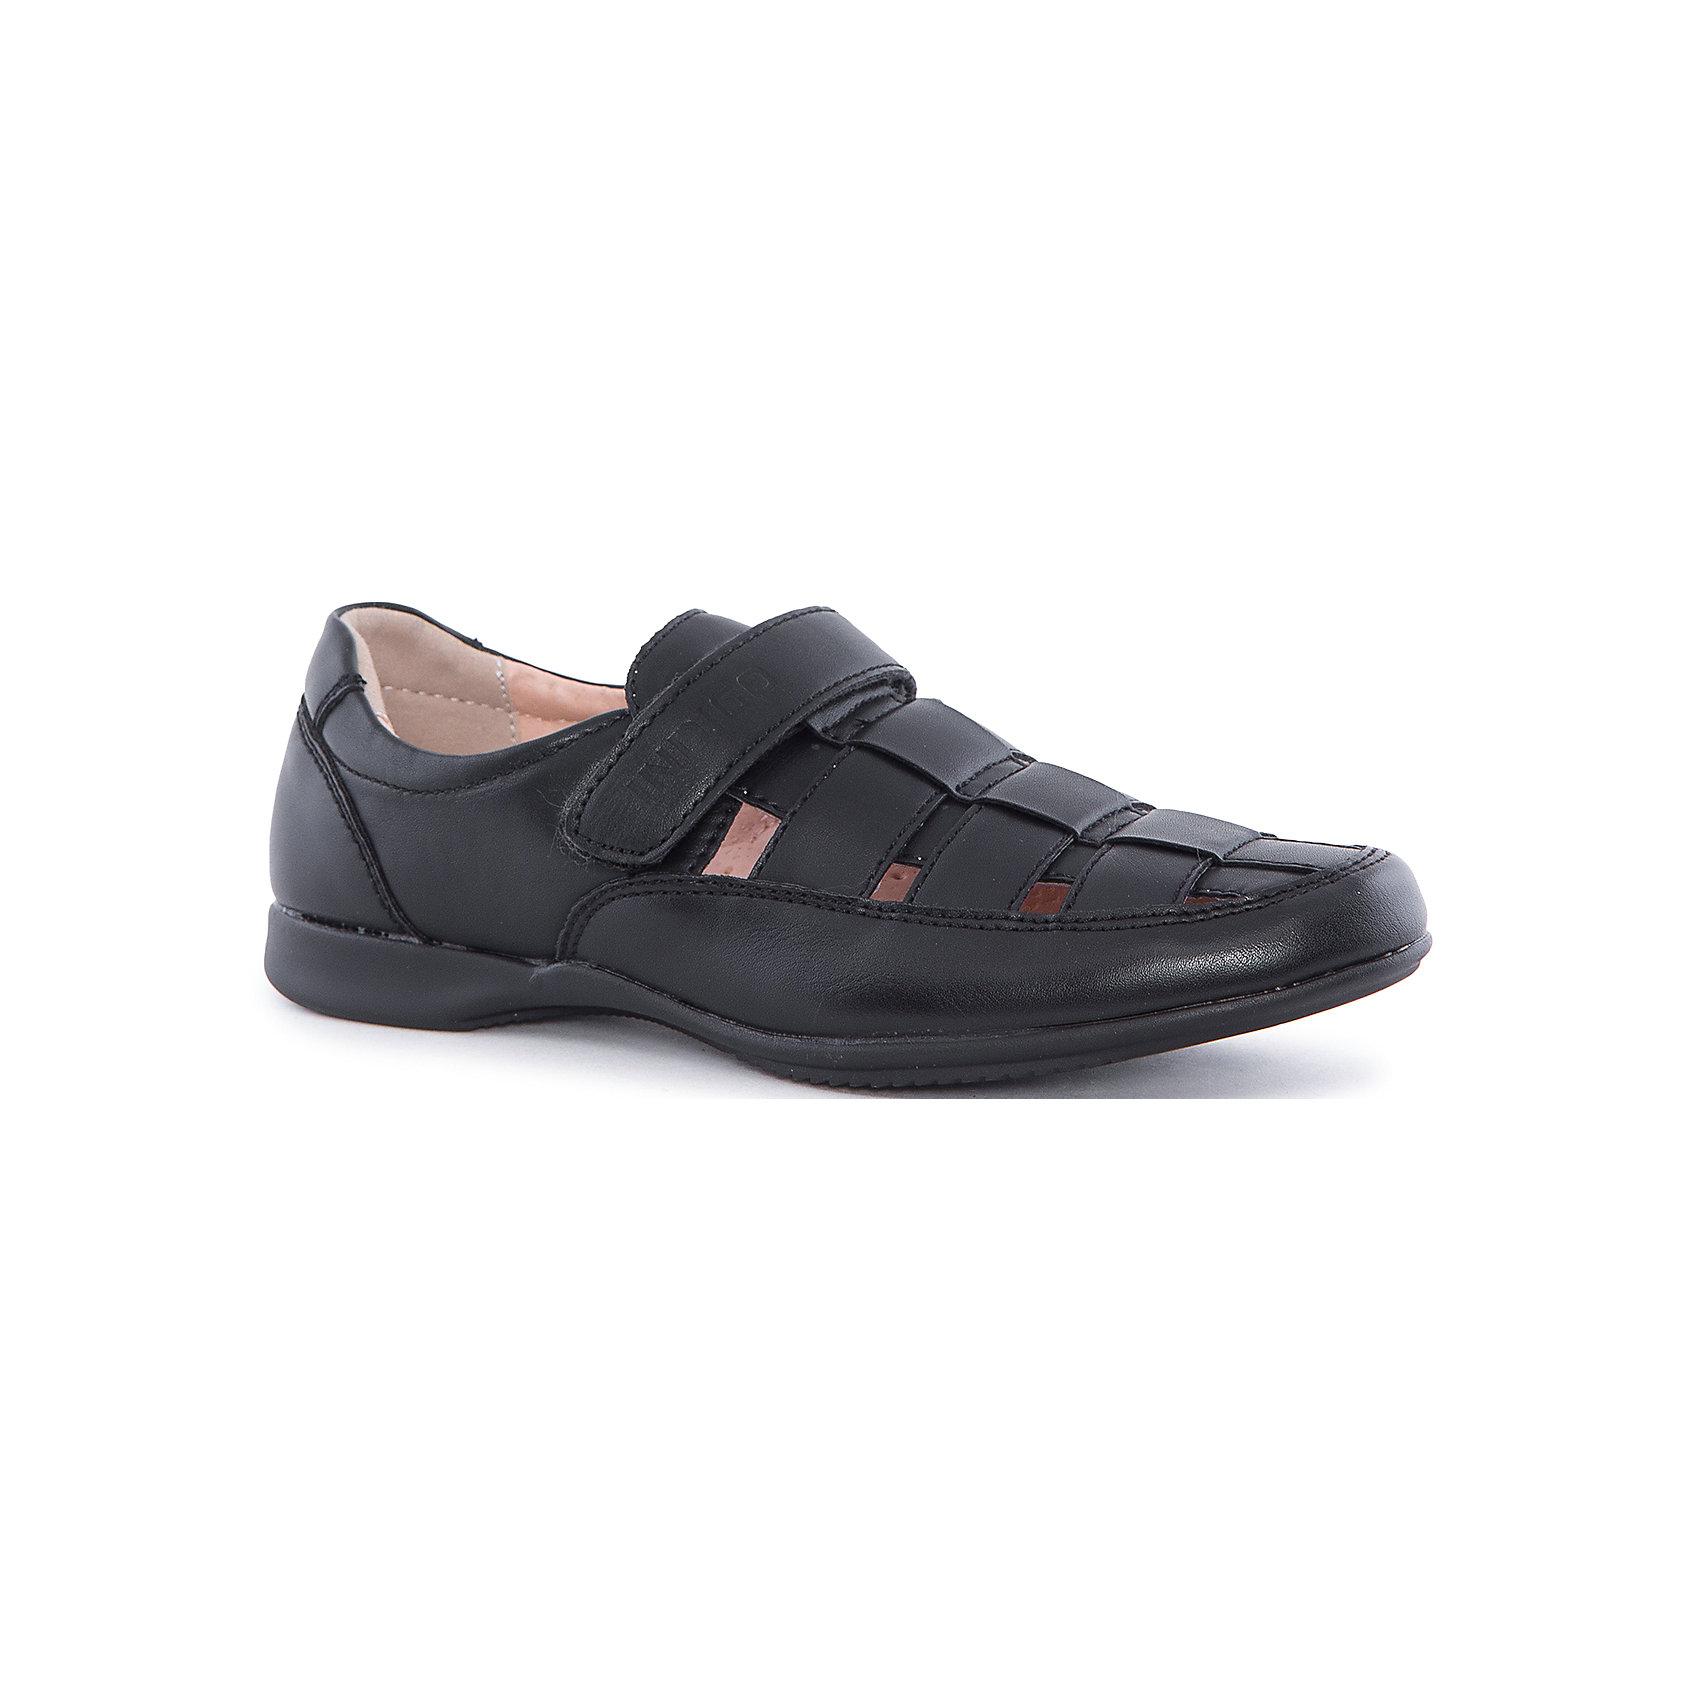 Полуботинки для мальчика Indigo kidsПолуботинки для мальчика Indigo kids (Индиго Кидс) от известного отечественного торгового бренда произведены из сочетания натуральных и искусственных материалов: верхняя часть обуви из искусственной кожи, внутренняя часть – из натуральной кожи. Подошва обуви данного производителя выполнена из термопласта (ТЭП), который обладает гибкостью материала, легкостью, прочностью и антискользящими свойствами практически на любой поверхности. Полуботинки разработаны с учетом анатомических особенностей детской стопы: у них мягкая пятка, круглый носок и застежка на липучке. Обувь выполнена в черном цвете. Полуботинки от Indigo kids подходят для сменной обуви, так как они легкие и прочные. Обувь от Indigo kids – это удобство, комфорт и стиль!<br><br>Дополнительная информация:<br><br>- Предназначение: повседневная обувь, для сменной обуви в школу<br>- Цвет: черный<br>- Пол: для мальчика<br>- Сезон: демисезонные<br>- Особенности ухода: сухая и влажная чистка<br><br>Подробнее:<br><br>• Страна производитель: Китай<br>• Торговый бренд: Indigo kids<br><br>Полуботинки для мальчика Indigo kids (Индиго Кидс) можно купить в нашем интернет-магазине.<br><br>Ширина мм: 262<br>Глубина мм: 176<br>Высота мм: 97<br>Вес г: 427<br>Цвет: черный<br>Возраст от месяцев: 96<br>Возраст до месяцев: 108<br>Пол: Мужской<br>Возраст: Детский<br>Размер: 36,32,37,33,34,35<br>SKU: 4885451